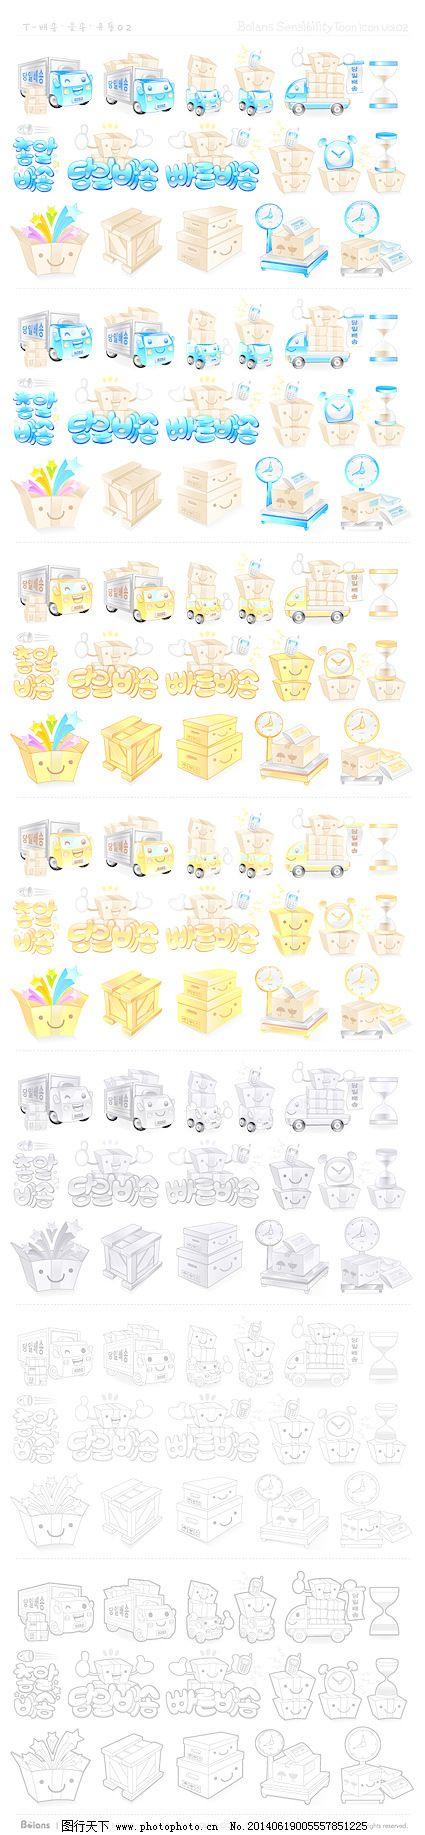 汽车货物2矢量图标 汽车快速货运漏斗纸箱可爱的天秤座的包装运输电话立体星光列车重量